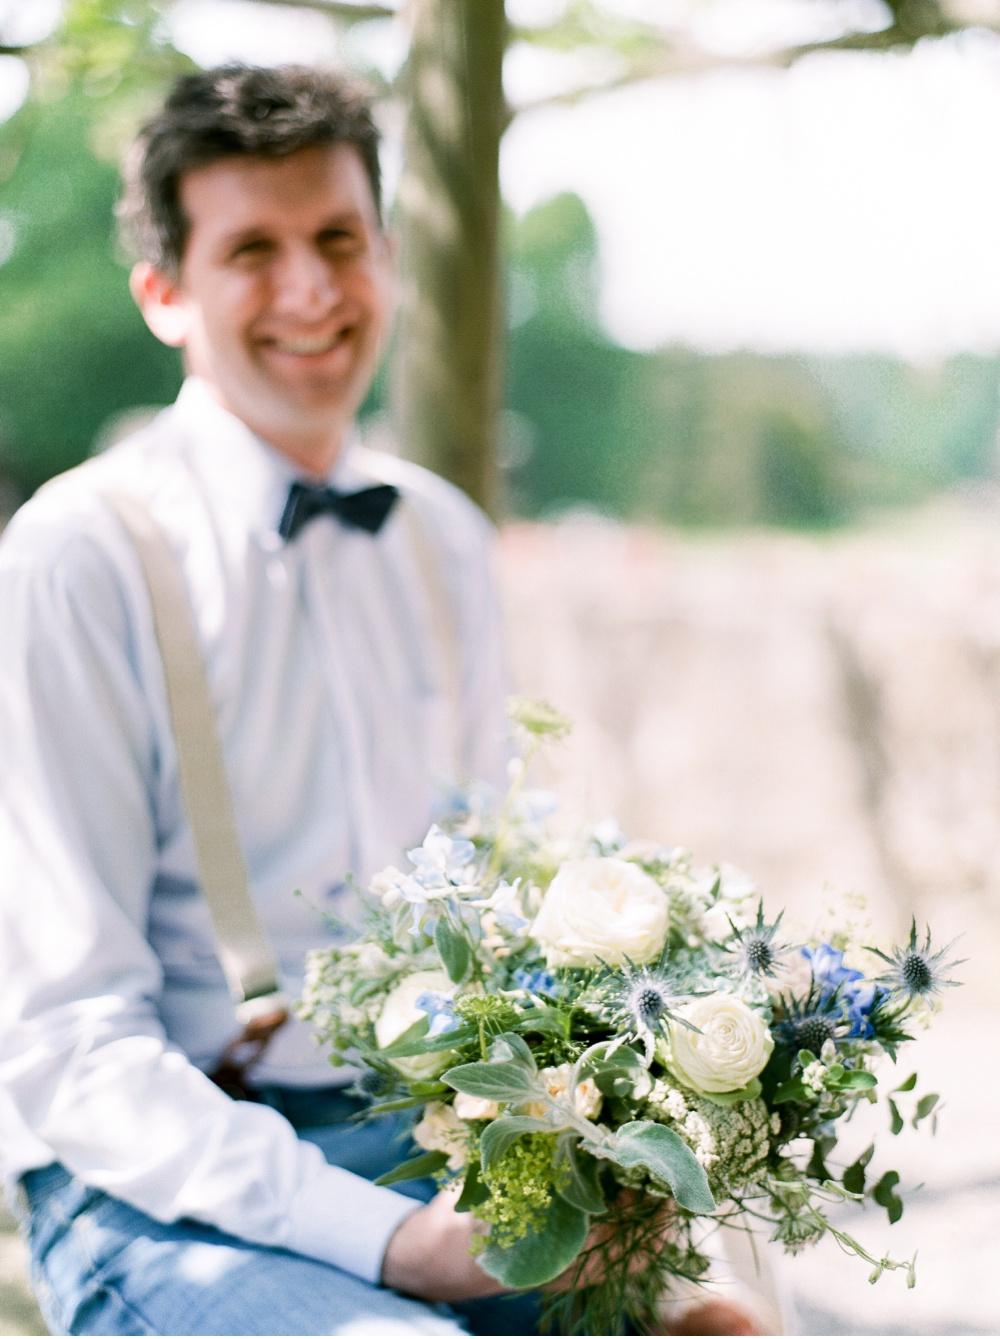 Wedding_Photographer_Tuscany©MadalinaSheldon_0022.jpg